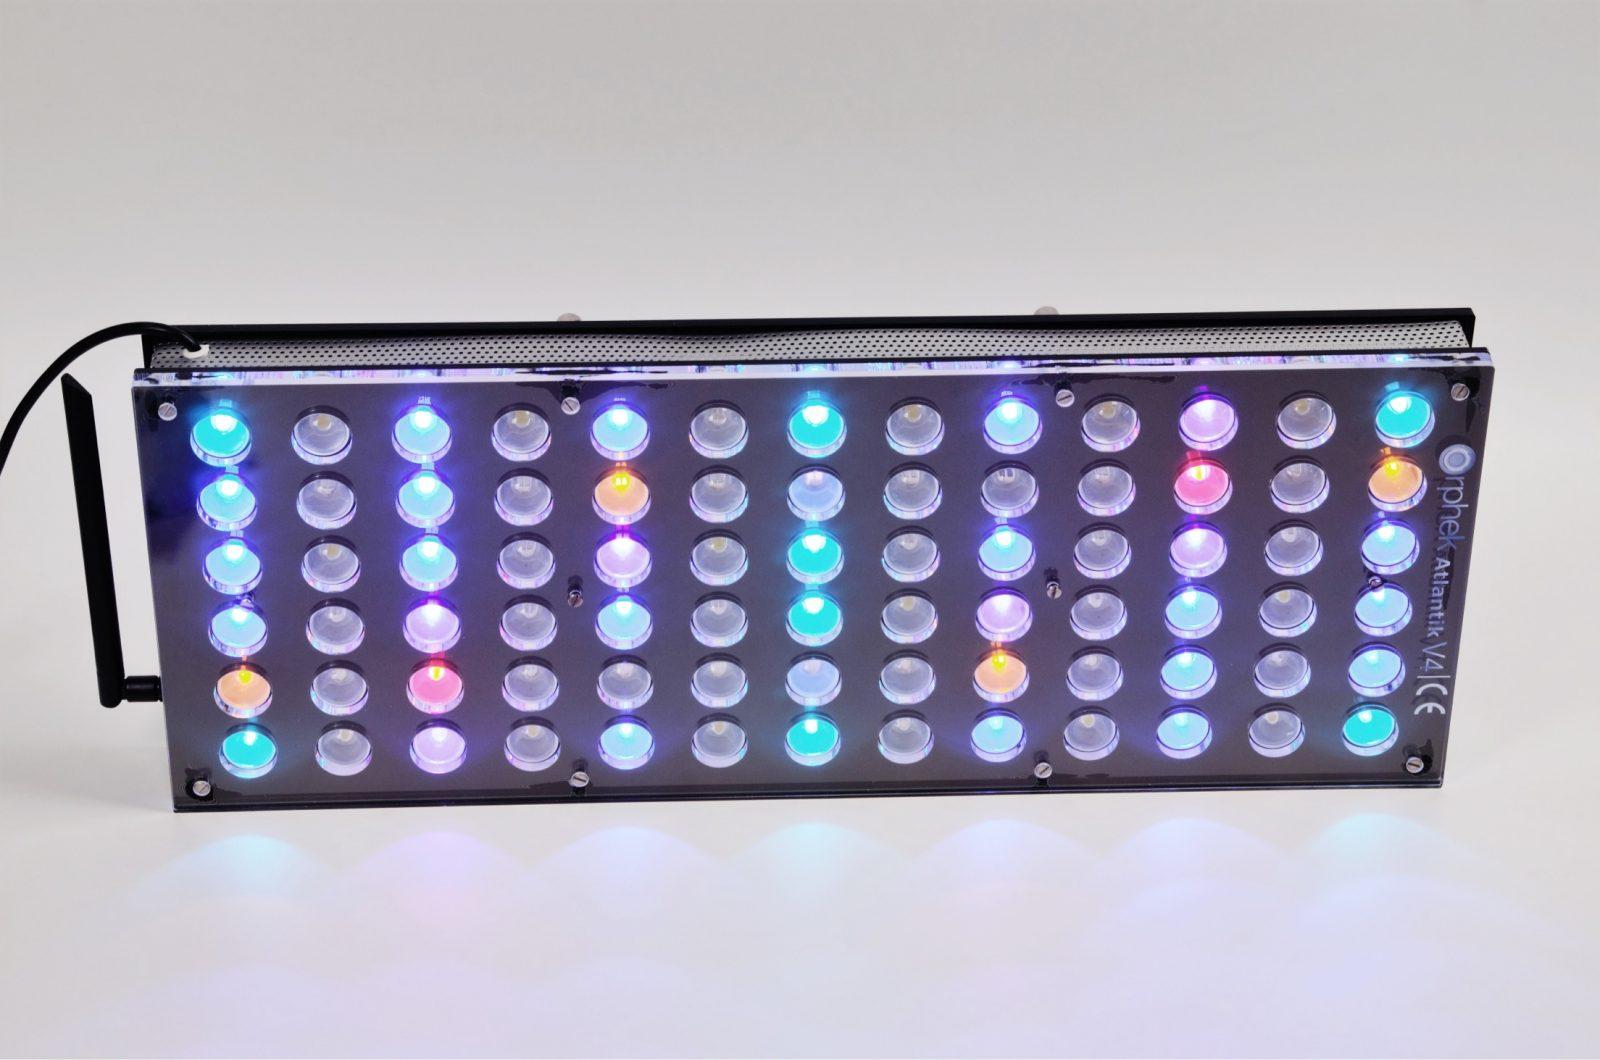 תאורת אקווריום שונית עמוקה של אטלנטיק v4